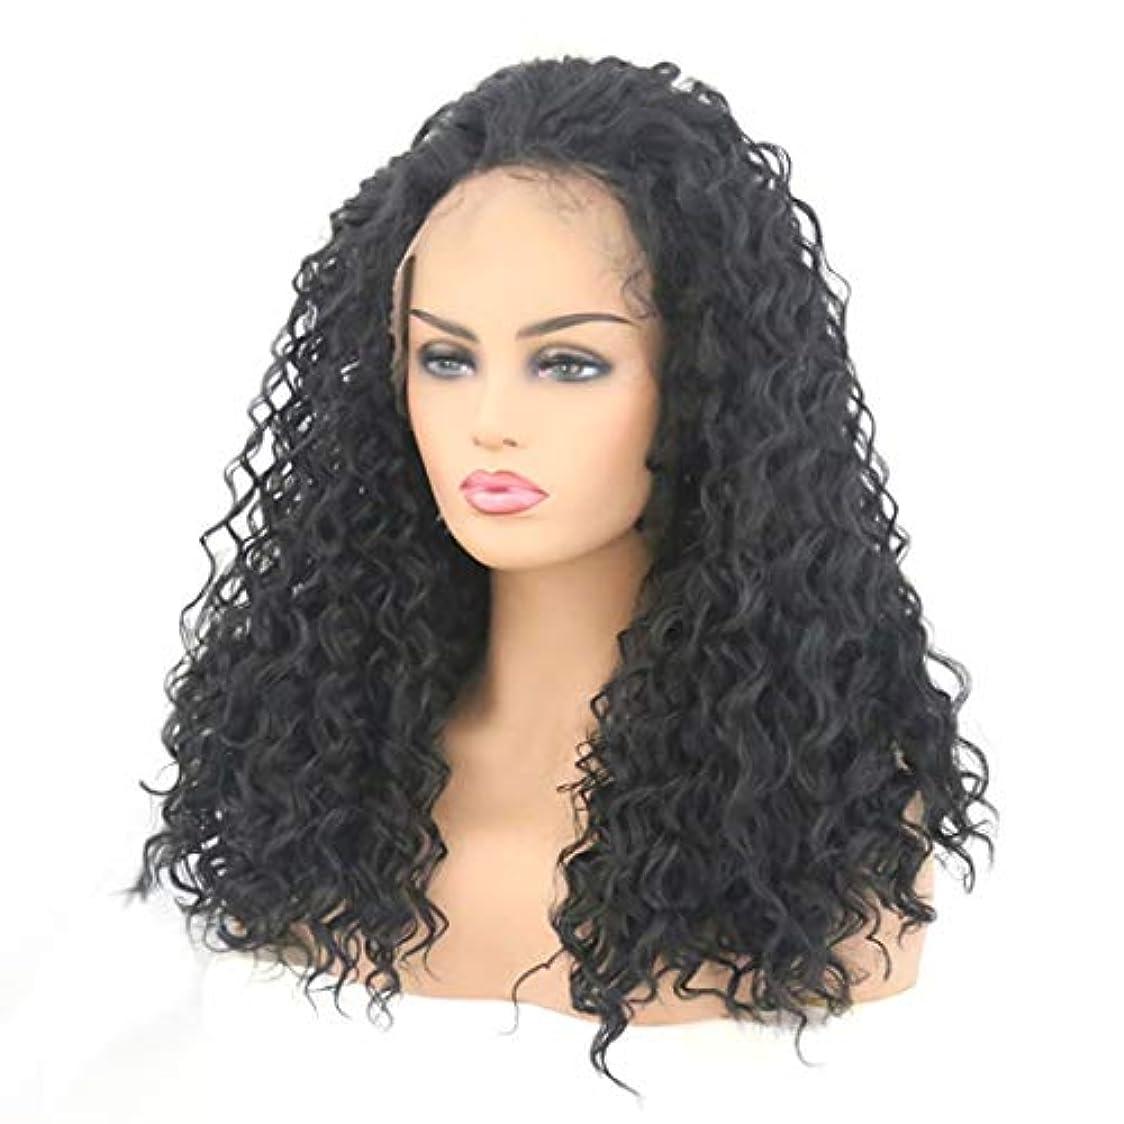 保証ベジタリアン悪意Kerwinner 女性のための黒の小さな巻き毛の長い巻き毛のフロントレース高温シルク